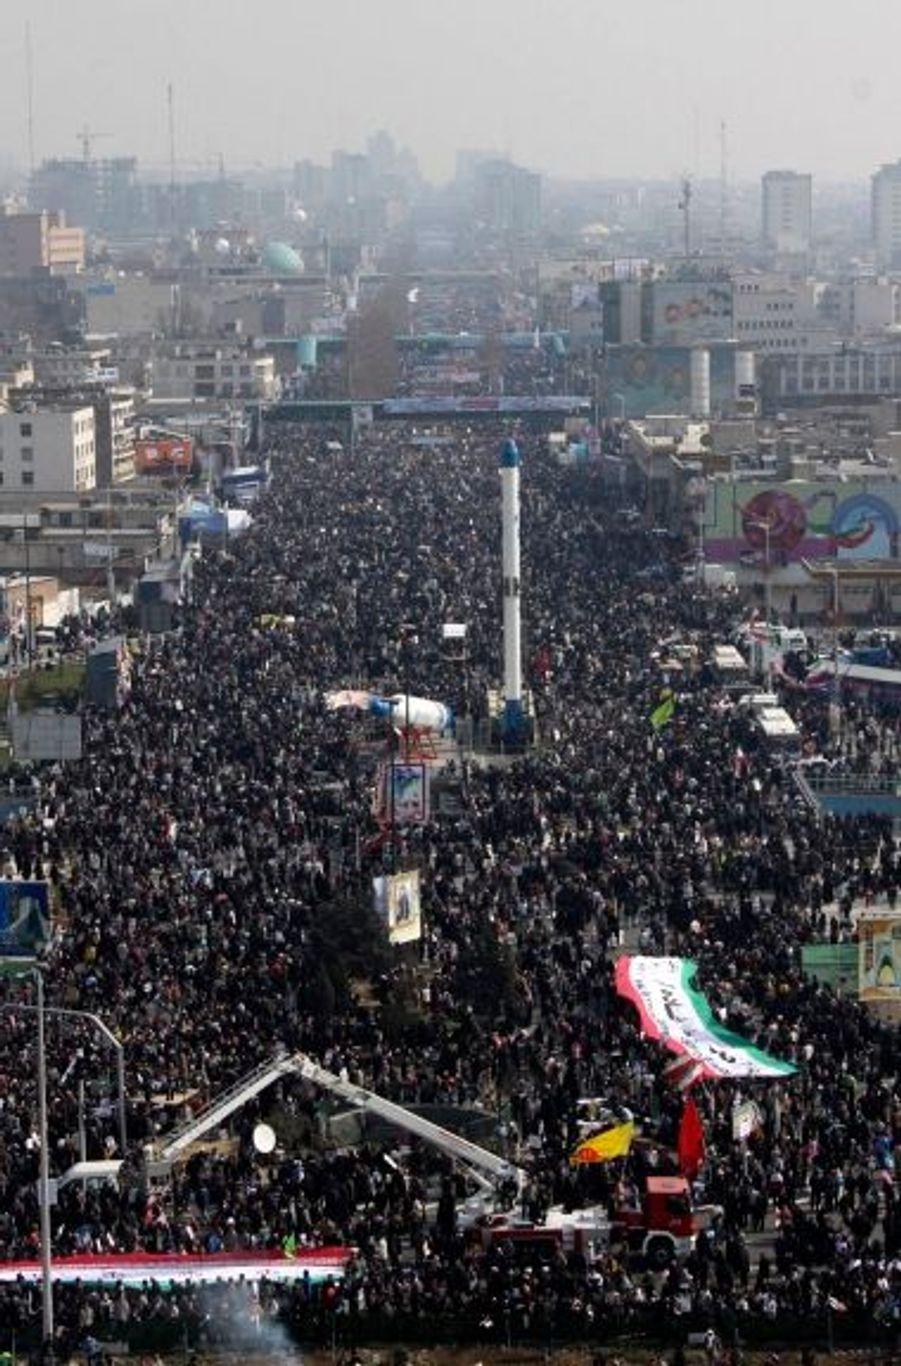 La gigantesque place Azadi de Téhéran, où Mahmoud Ahmadinejad prononce un discours ce jeudi à l'occasion des 31 ans de la révolution islamique. Si des centaines de milliers de manifestants pro-Ahmadinejad ont défilé dans les rues de la capitale, les opposants, eux-aussi, tentaient de s'exprimer et de se rassembler malgré la répression.